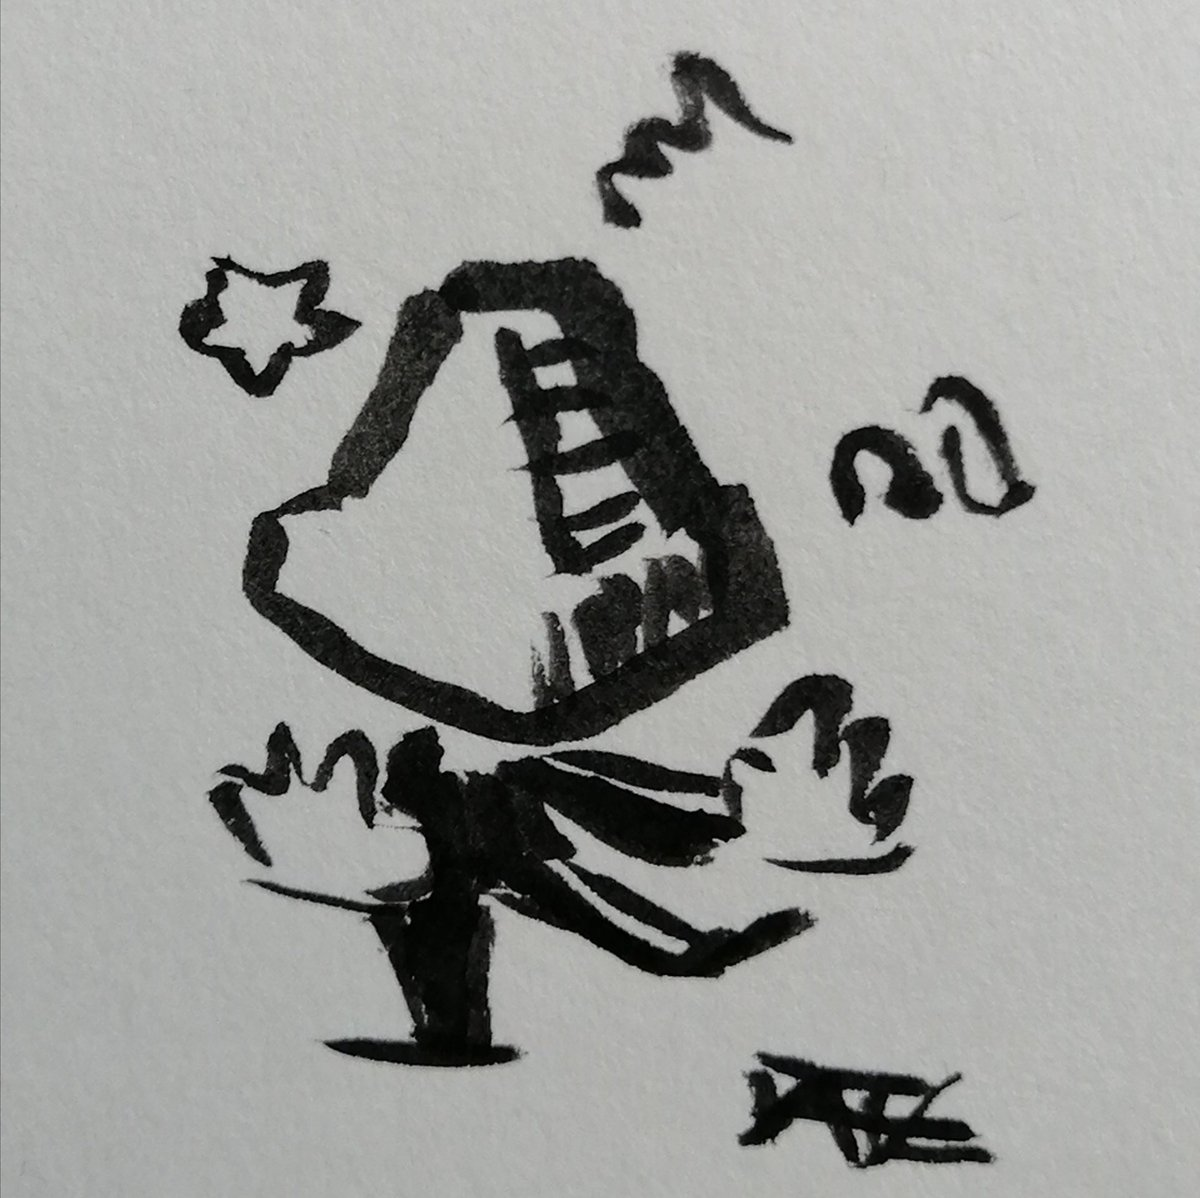 Ja, irgendwie war das keine gute Idee mit der Pyramide auf dem Kopf.  @sweetsthinking #DenkanstoßDonnerstag #LessThan60sChallenge #drawing #doodle #art #sketch #ink #inkdrawing #fanart #horrormovie #SilentHill #pyramidhead #grusel #horror #kleineKunstklasse #onedrawingadayforeverpic.twitter.com/eFuU55H4LO